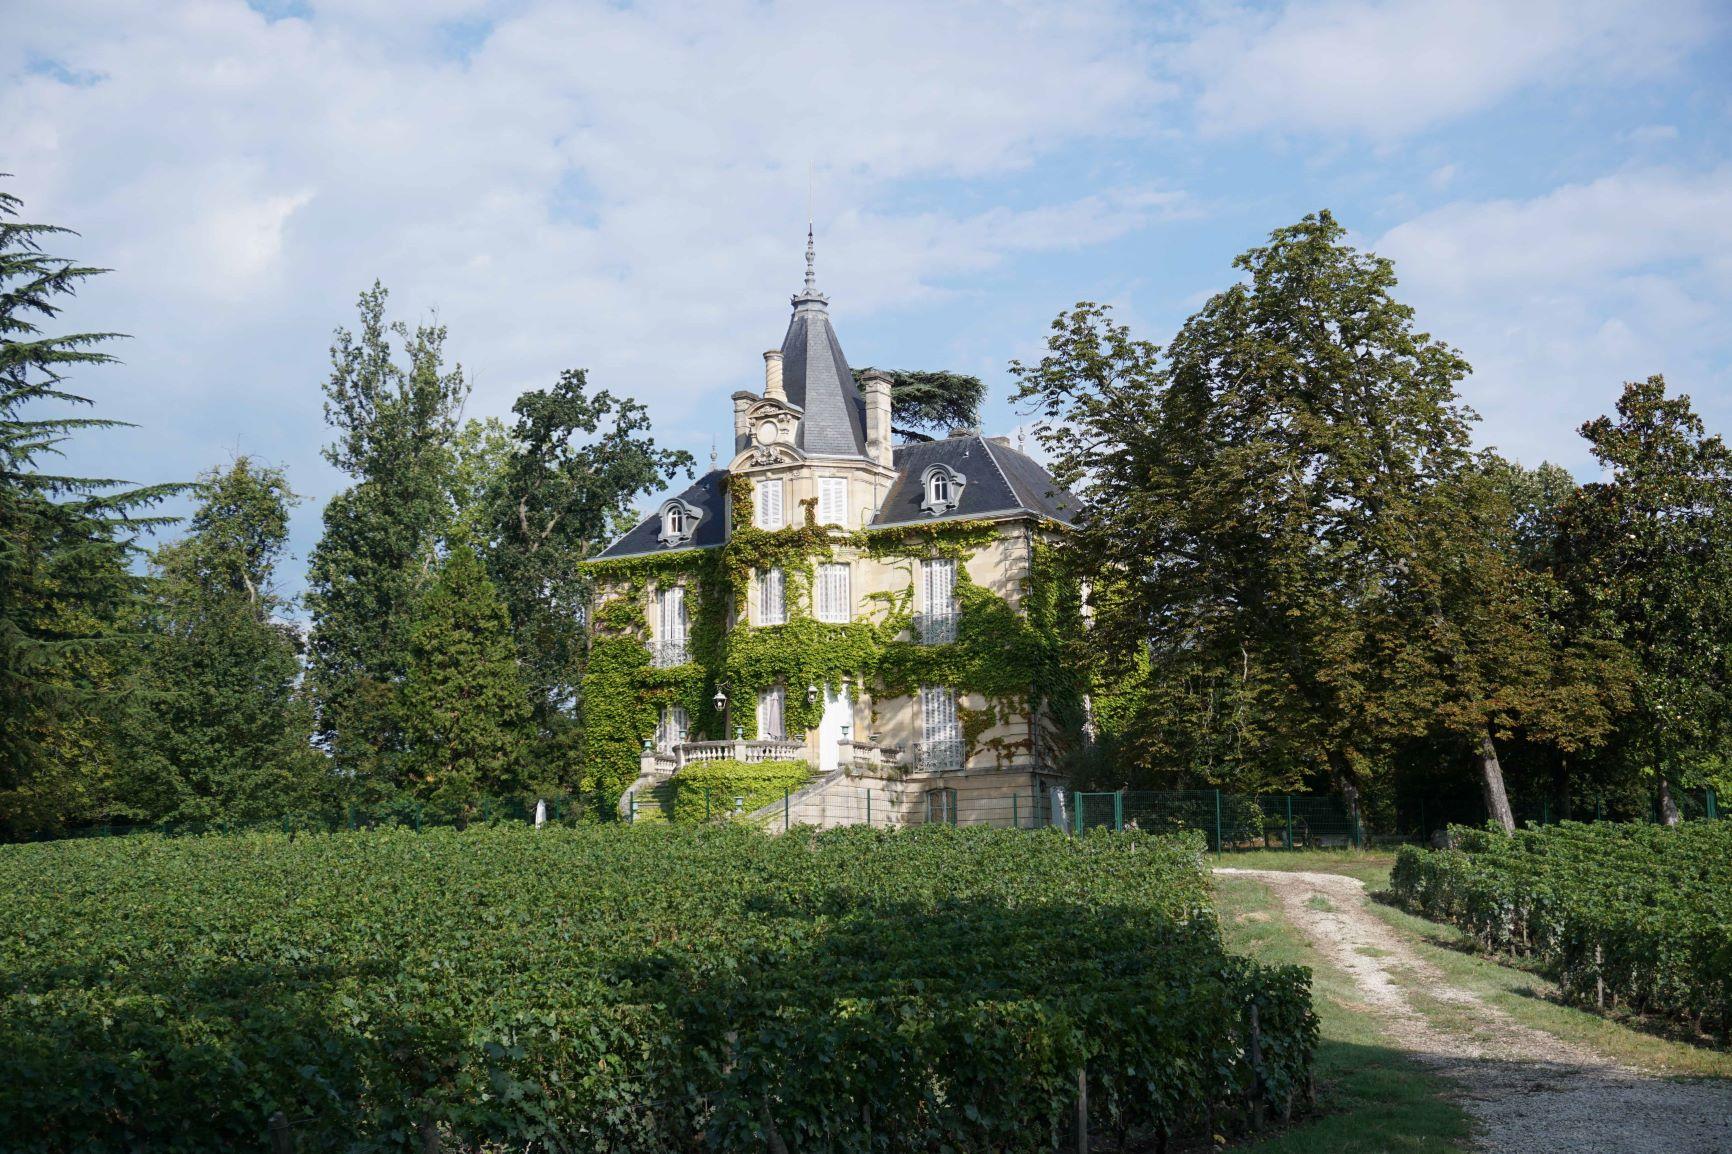 Chateau les carmes haut brion pessac leognan avenir serenite patrimoine 2018